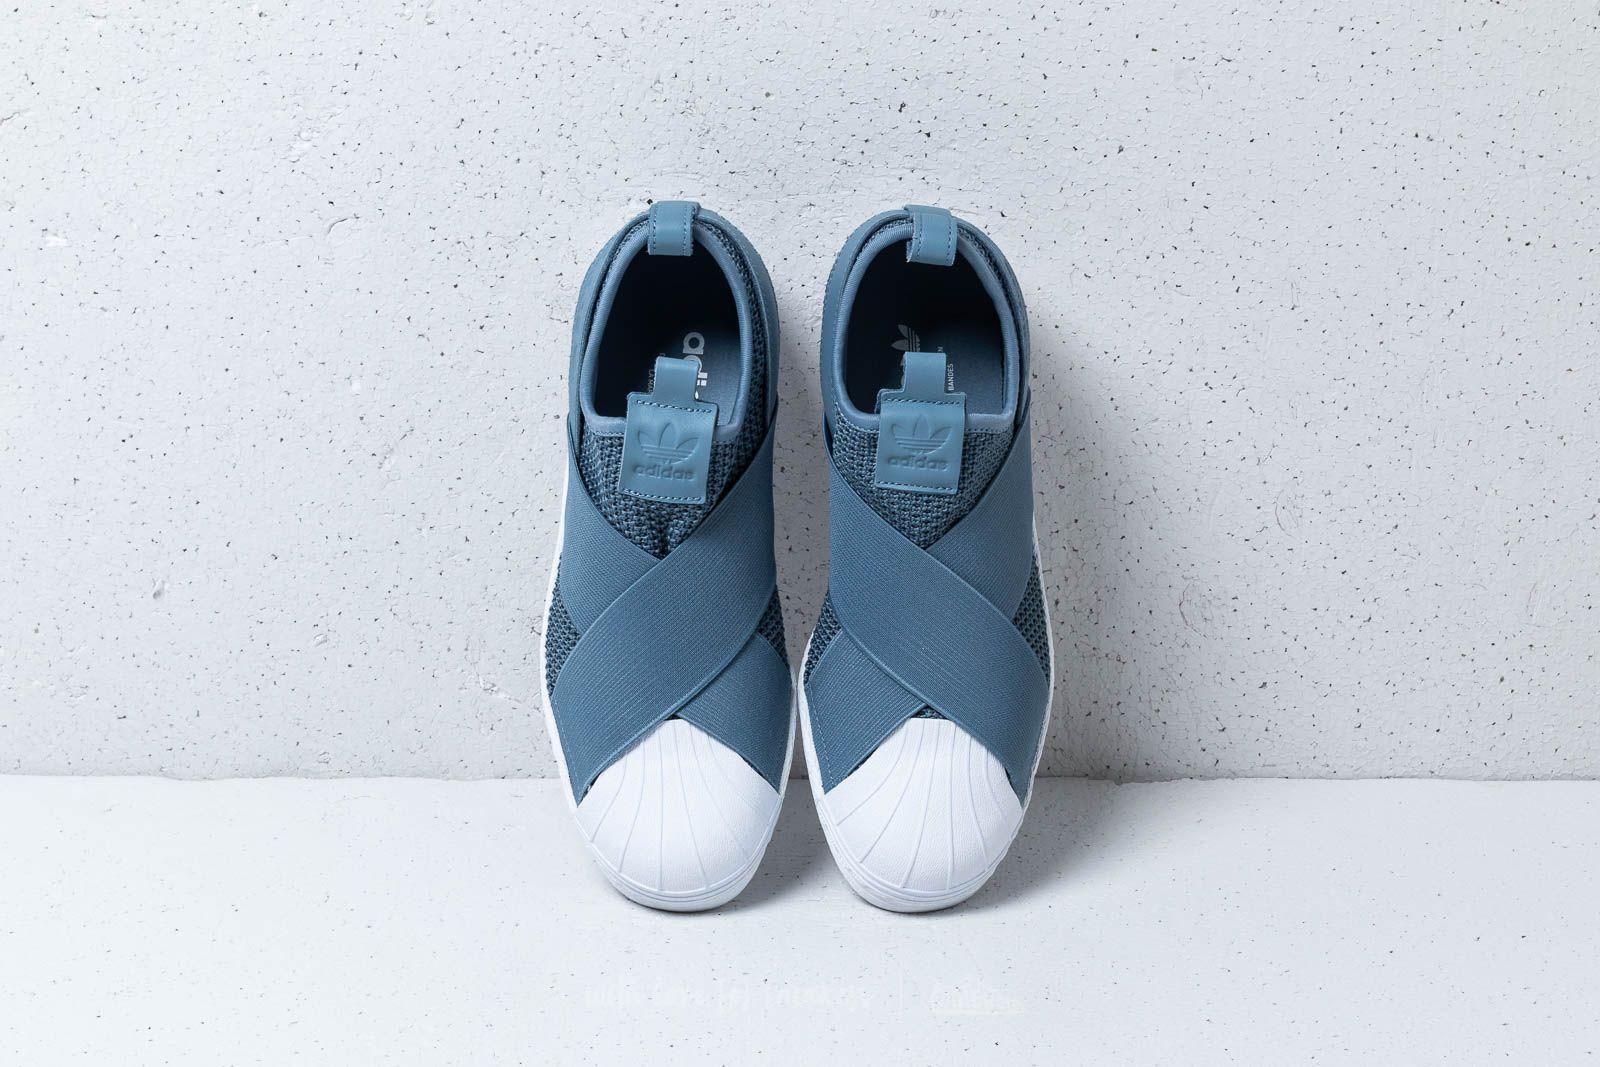 newest 22fa1 7148d adidas Superstar Slip-On W Raw Grey/ Raw Grey/ Cloud White ...